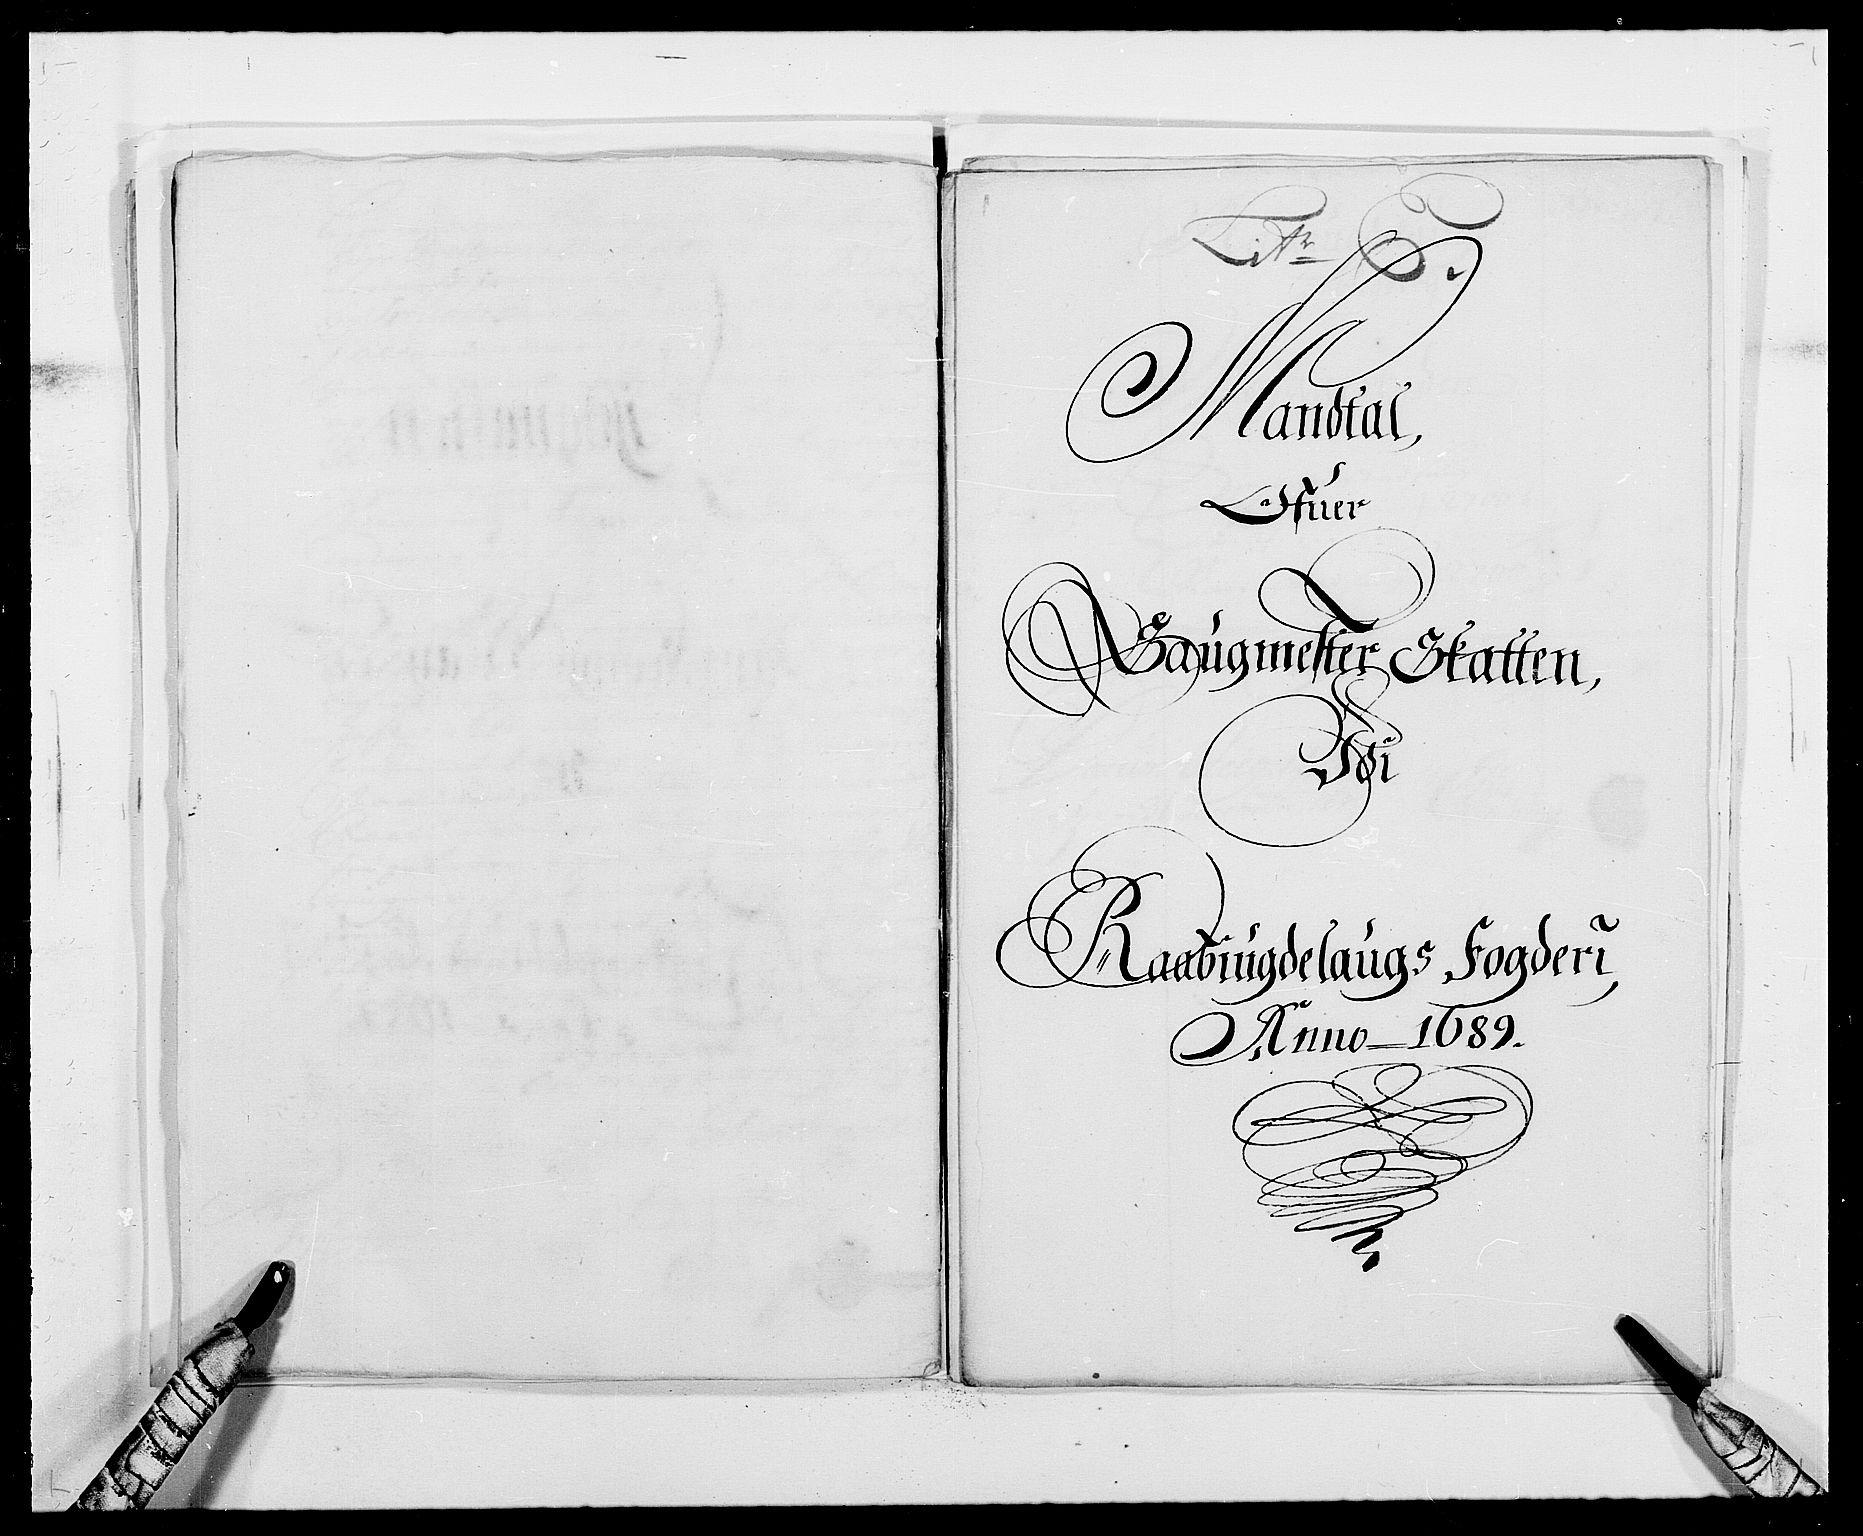 RA, Rentekammeret inntil 1814, Reviderte regnskaper, Fogderegnskap, R40/L2442: Fogderegnskap Råbyggelag, 1689-1690, s. 76